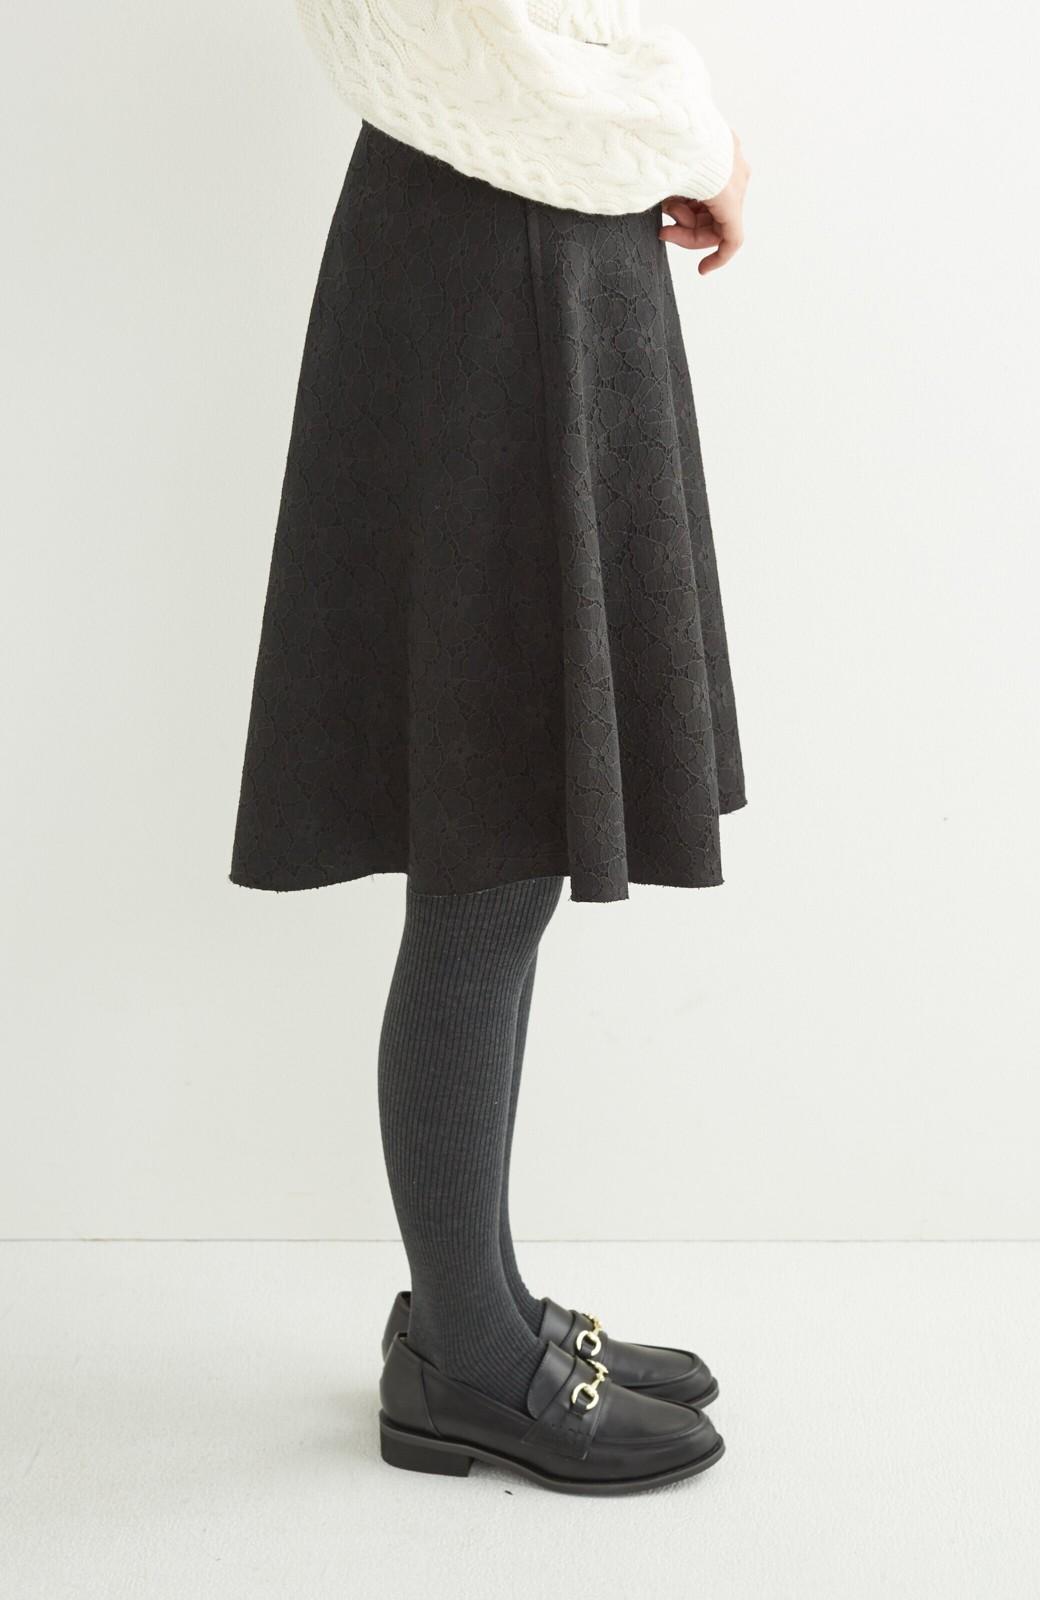 エムトロワ 定番ブラックと華やかレースのリバーシブルフレアースカート <ブラック>の商品写真9